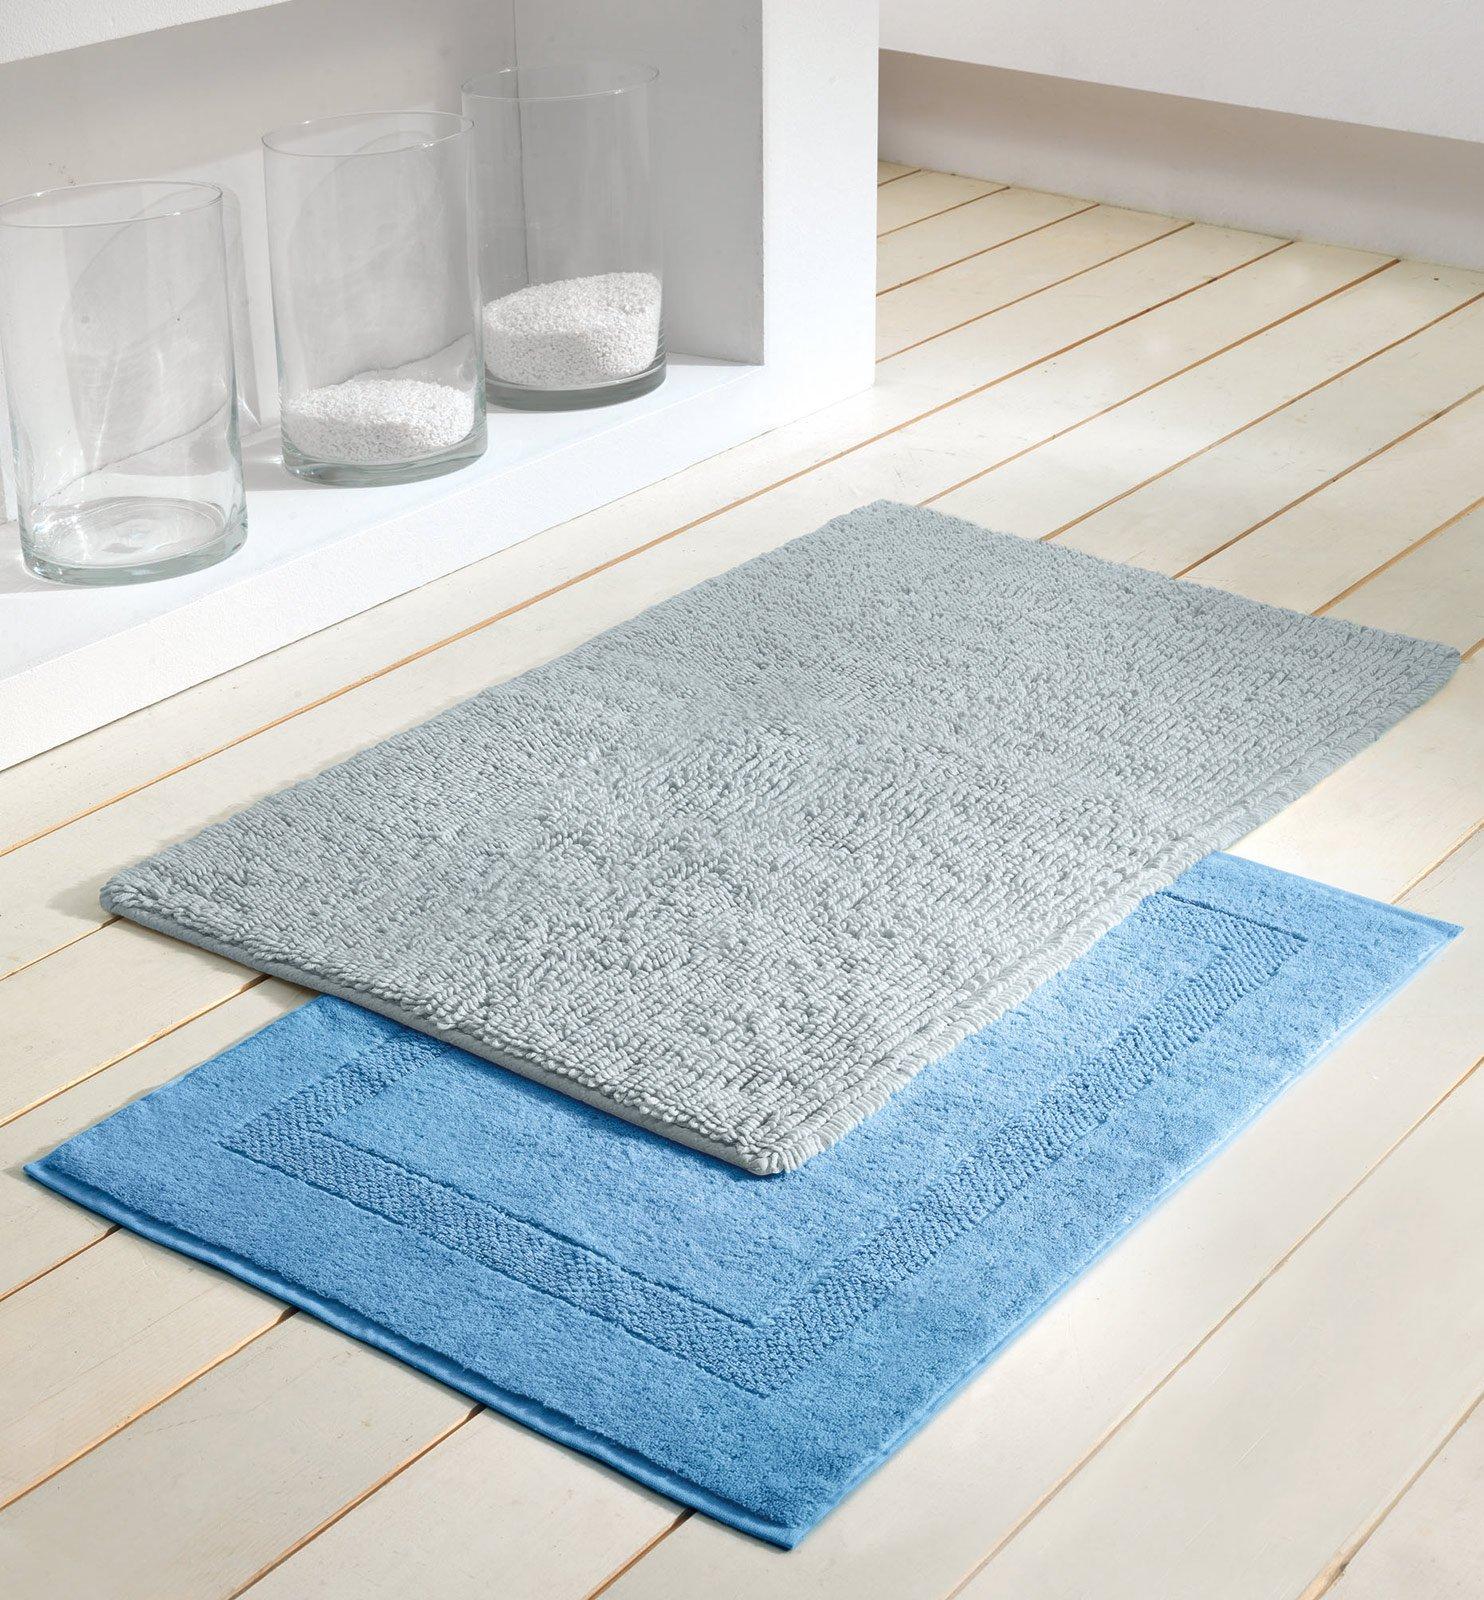 Tappeti da bagno amazon design casa creativa e mobili - Tappeto antiscivolo doccia ...